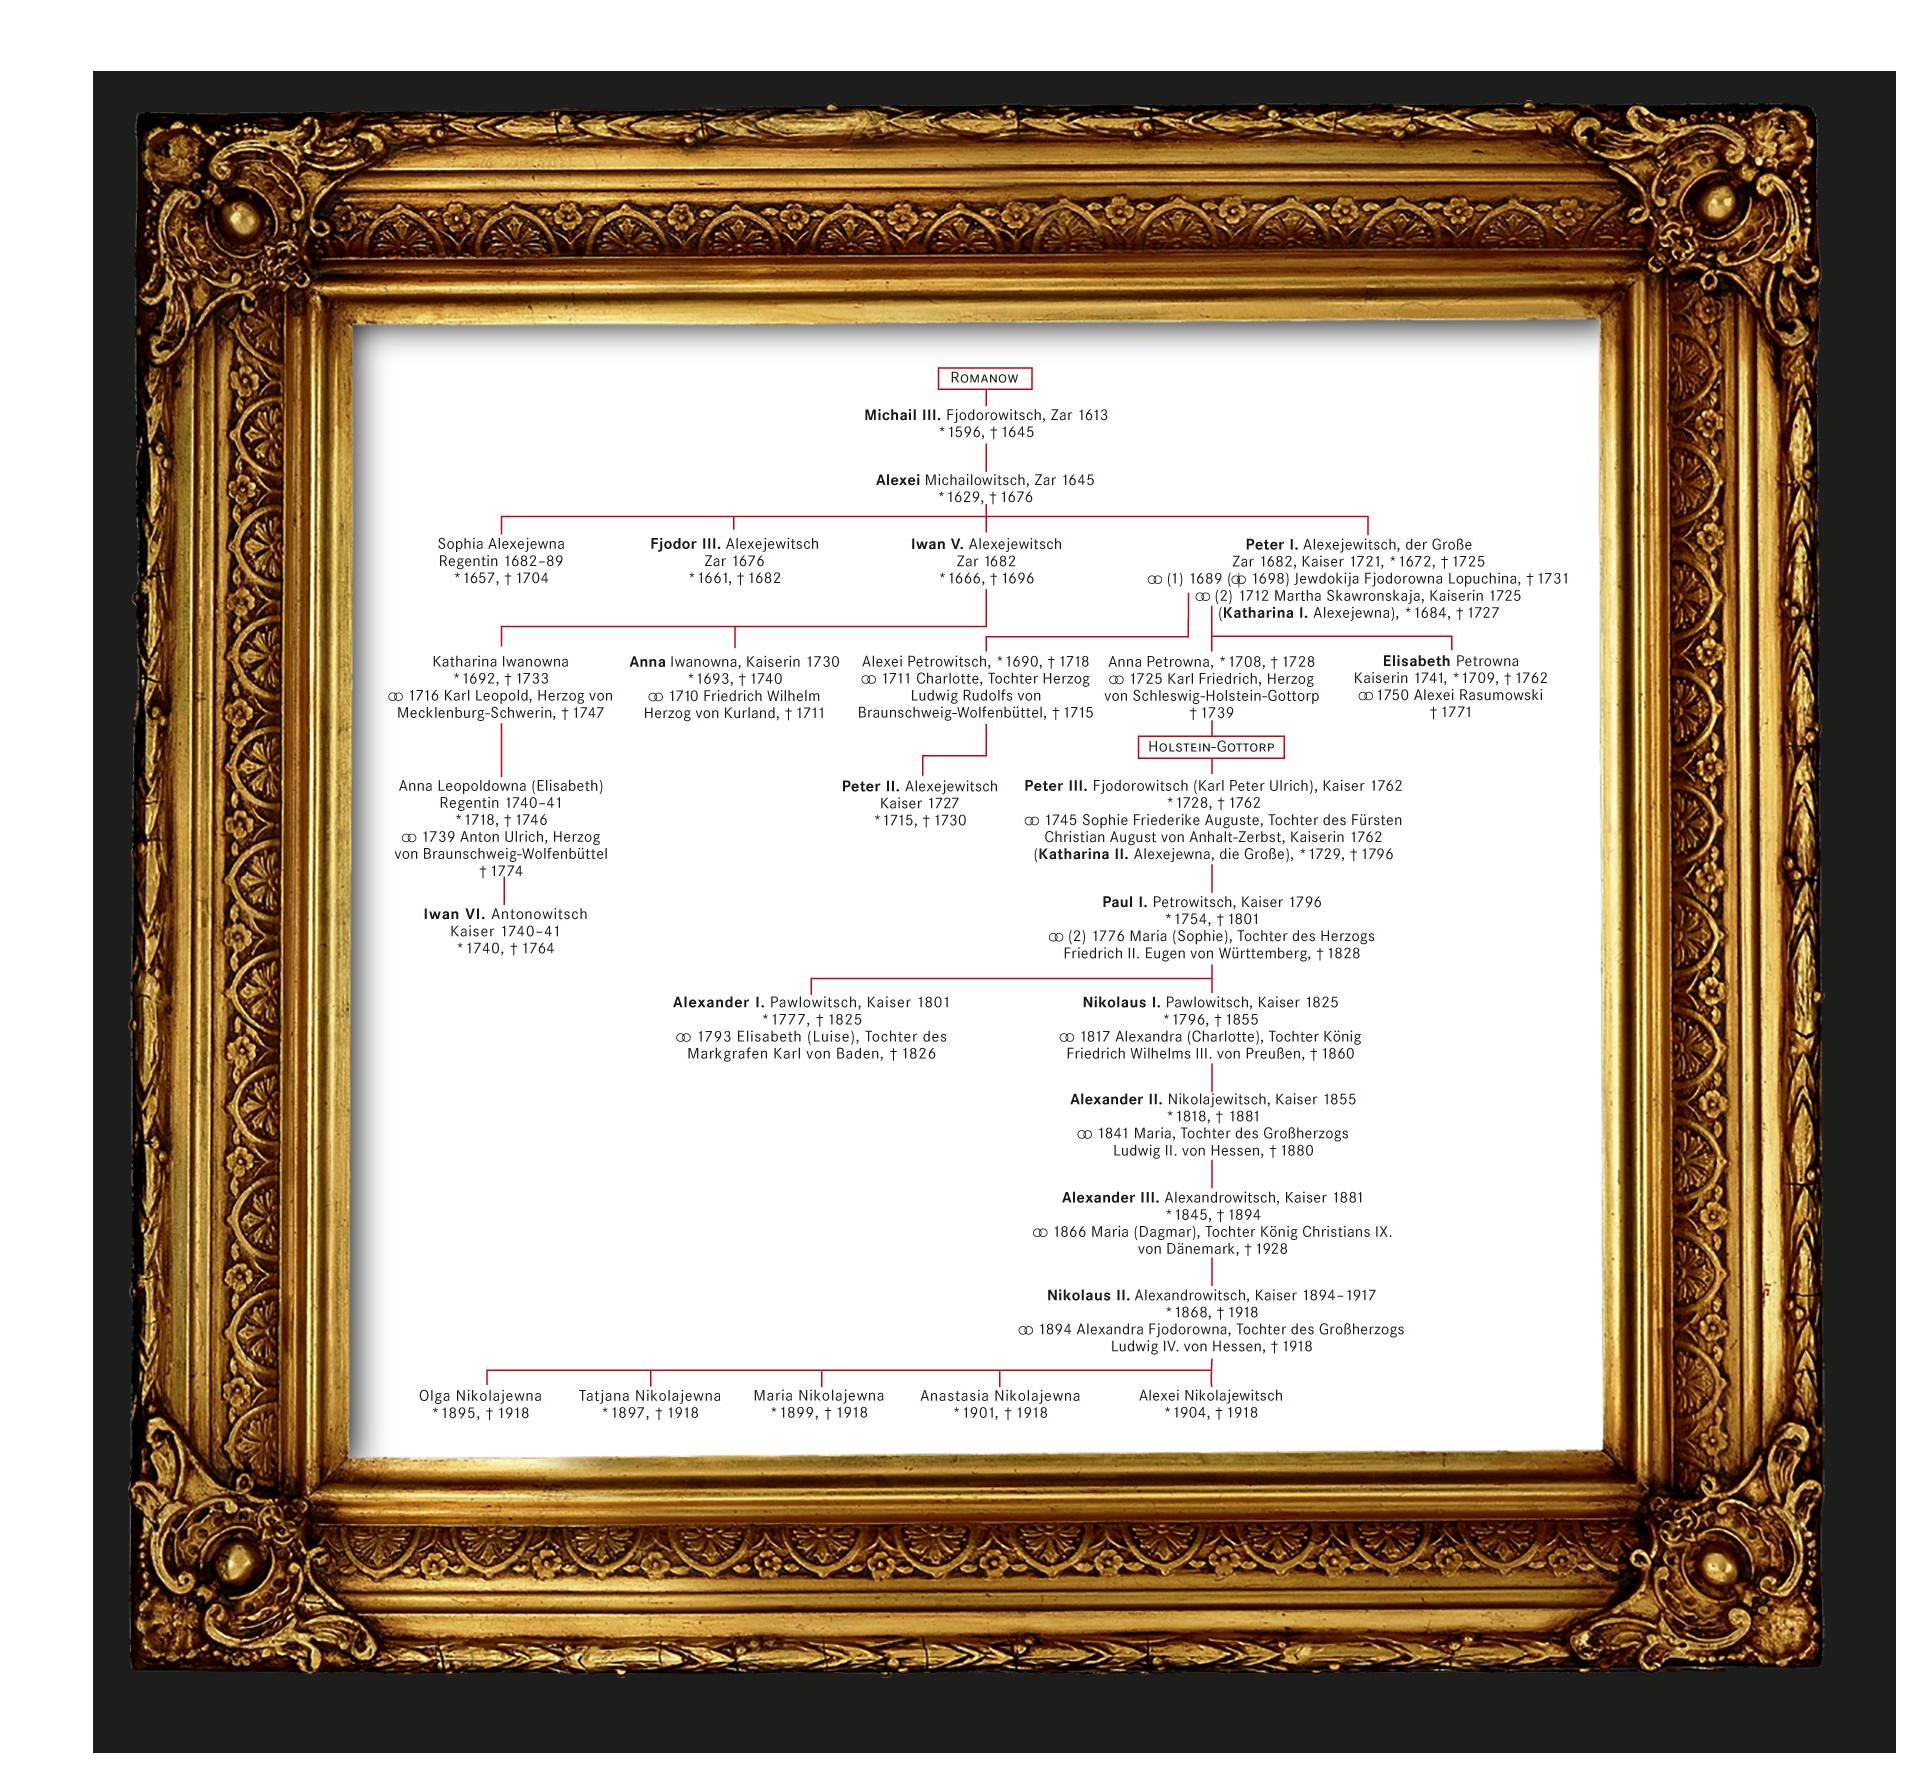 Stammbaum der Romanow-Dynastie: grundlegende Fakten